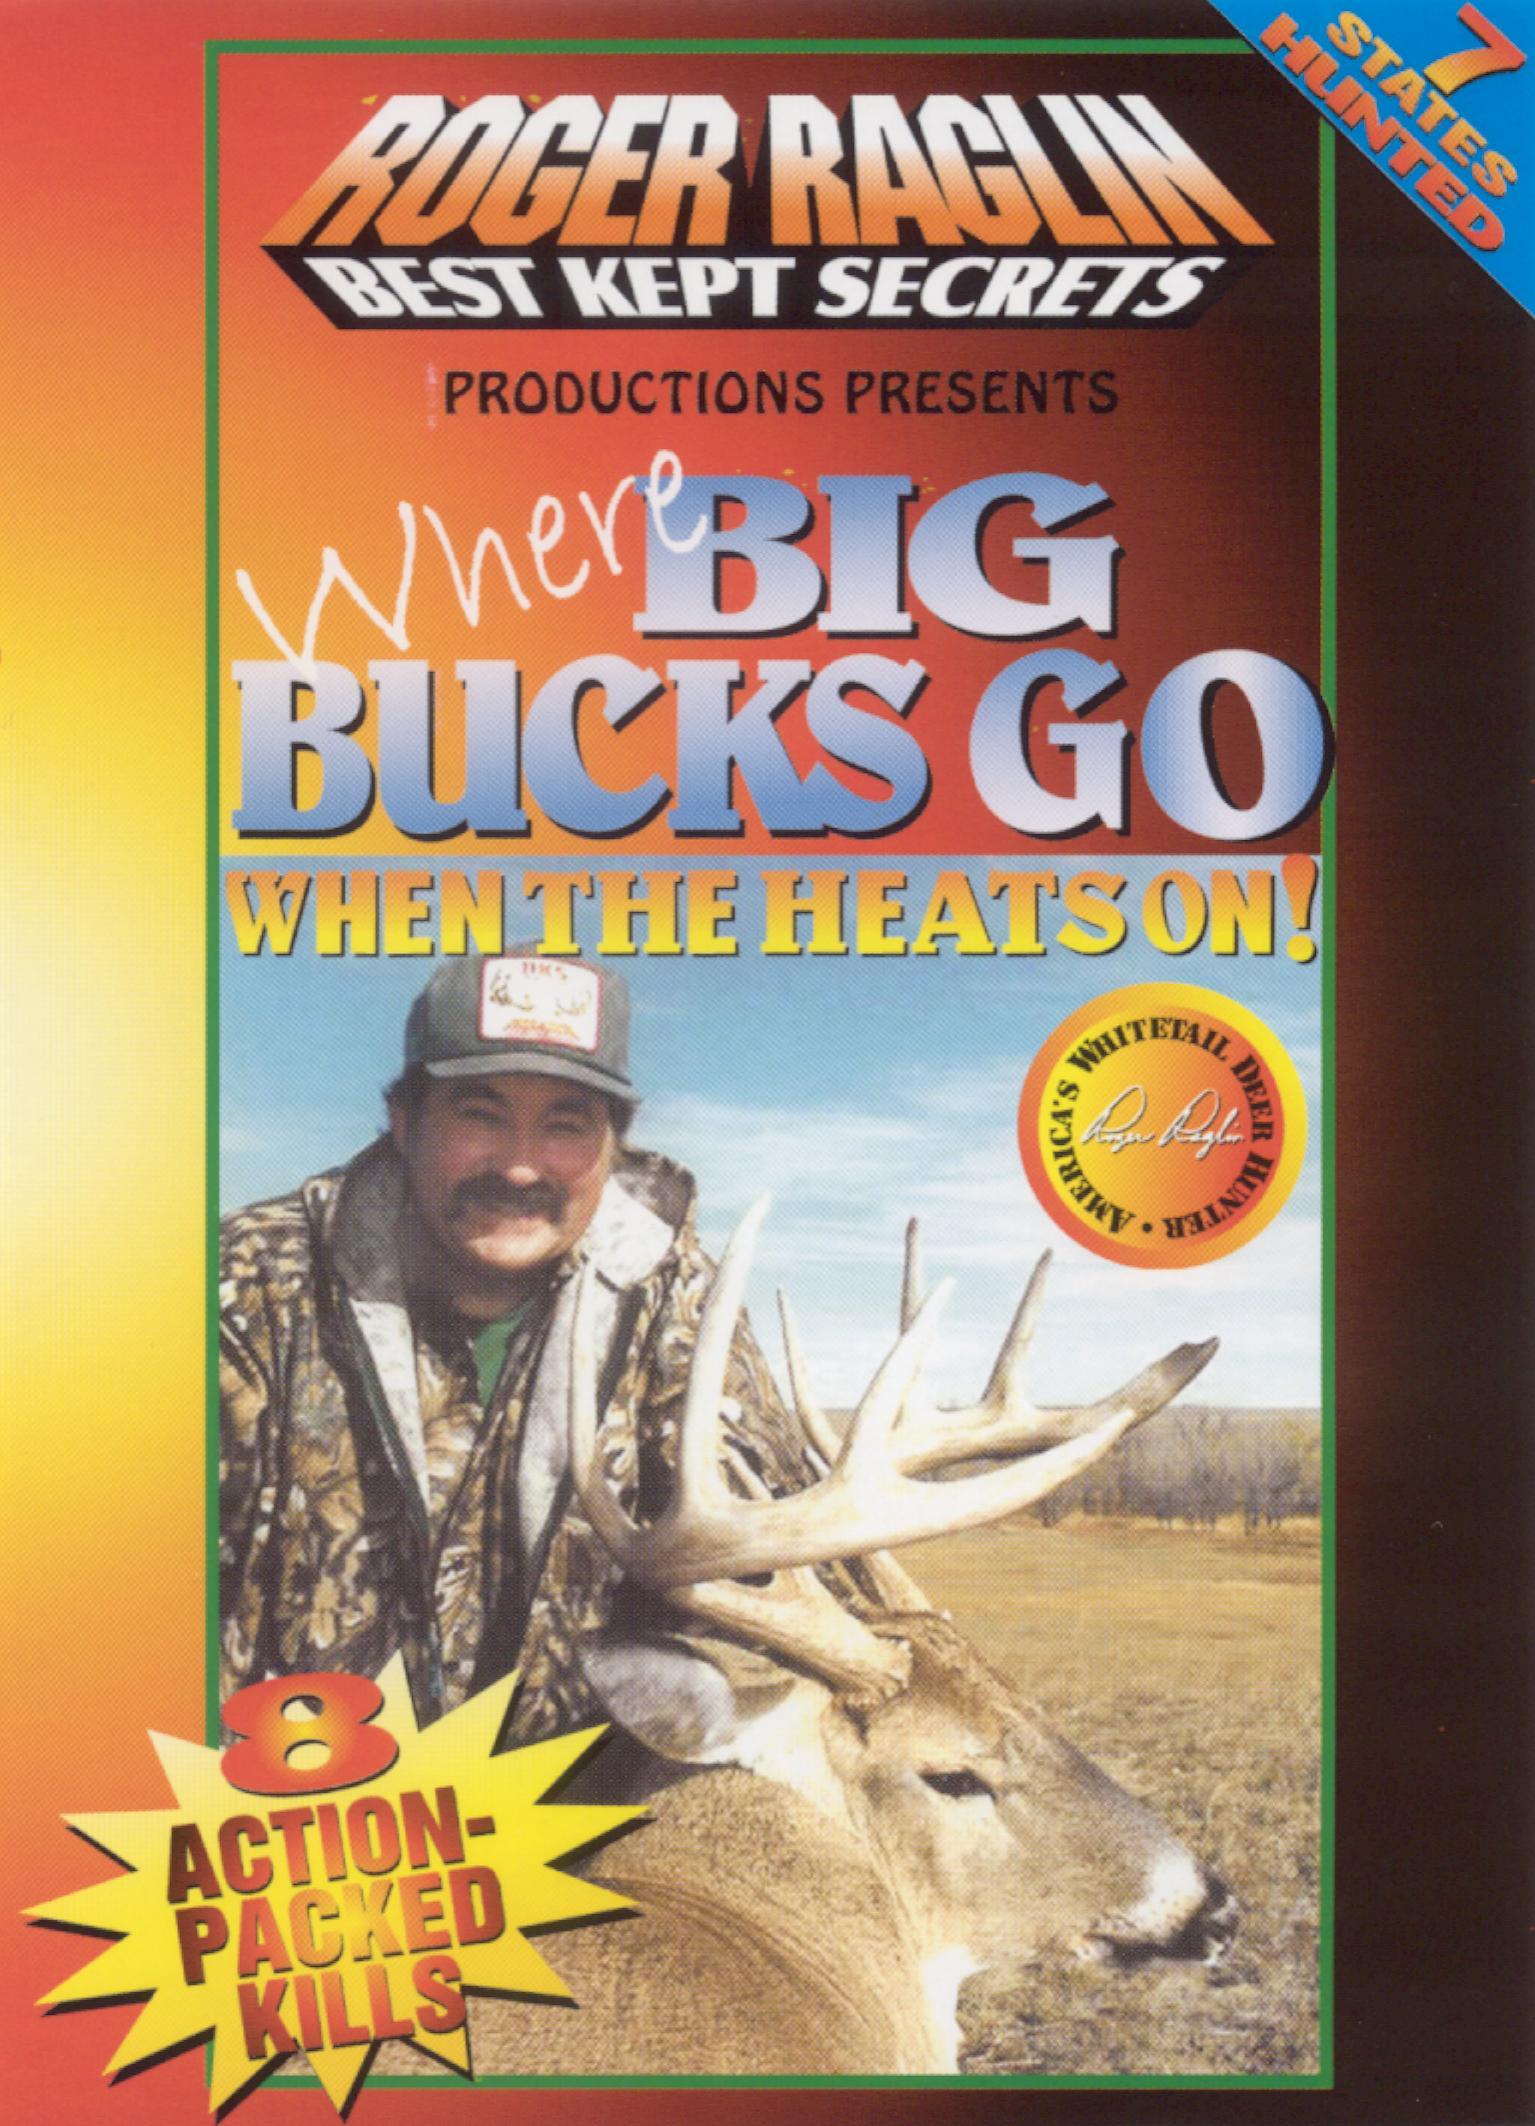 Roger Raglin: Best Kept Secrets - Where Big Bucks Go When the Heat is On